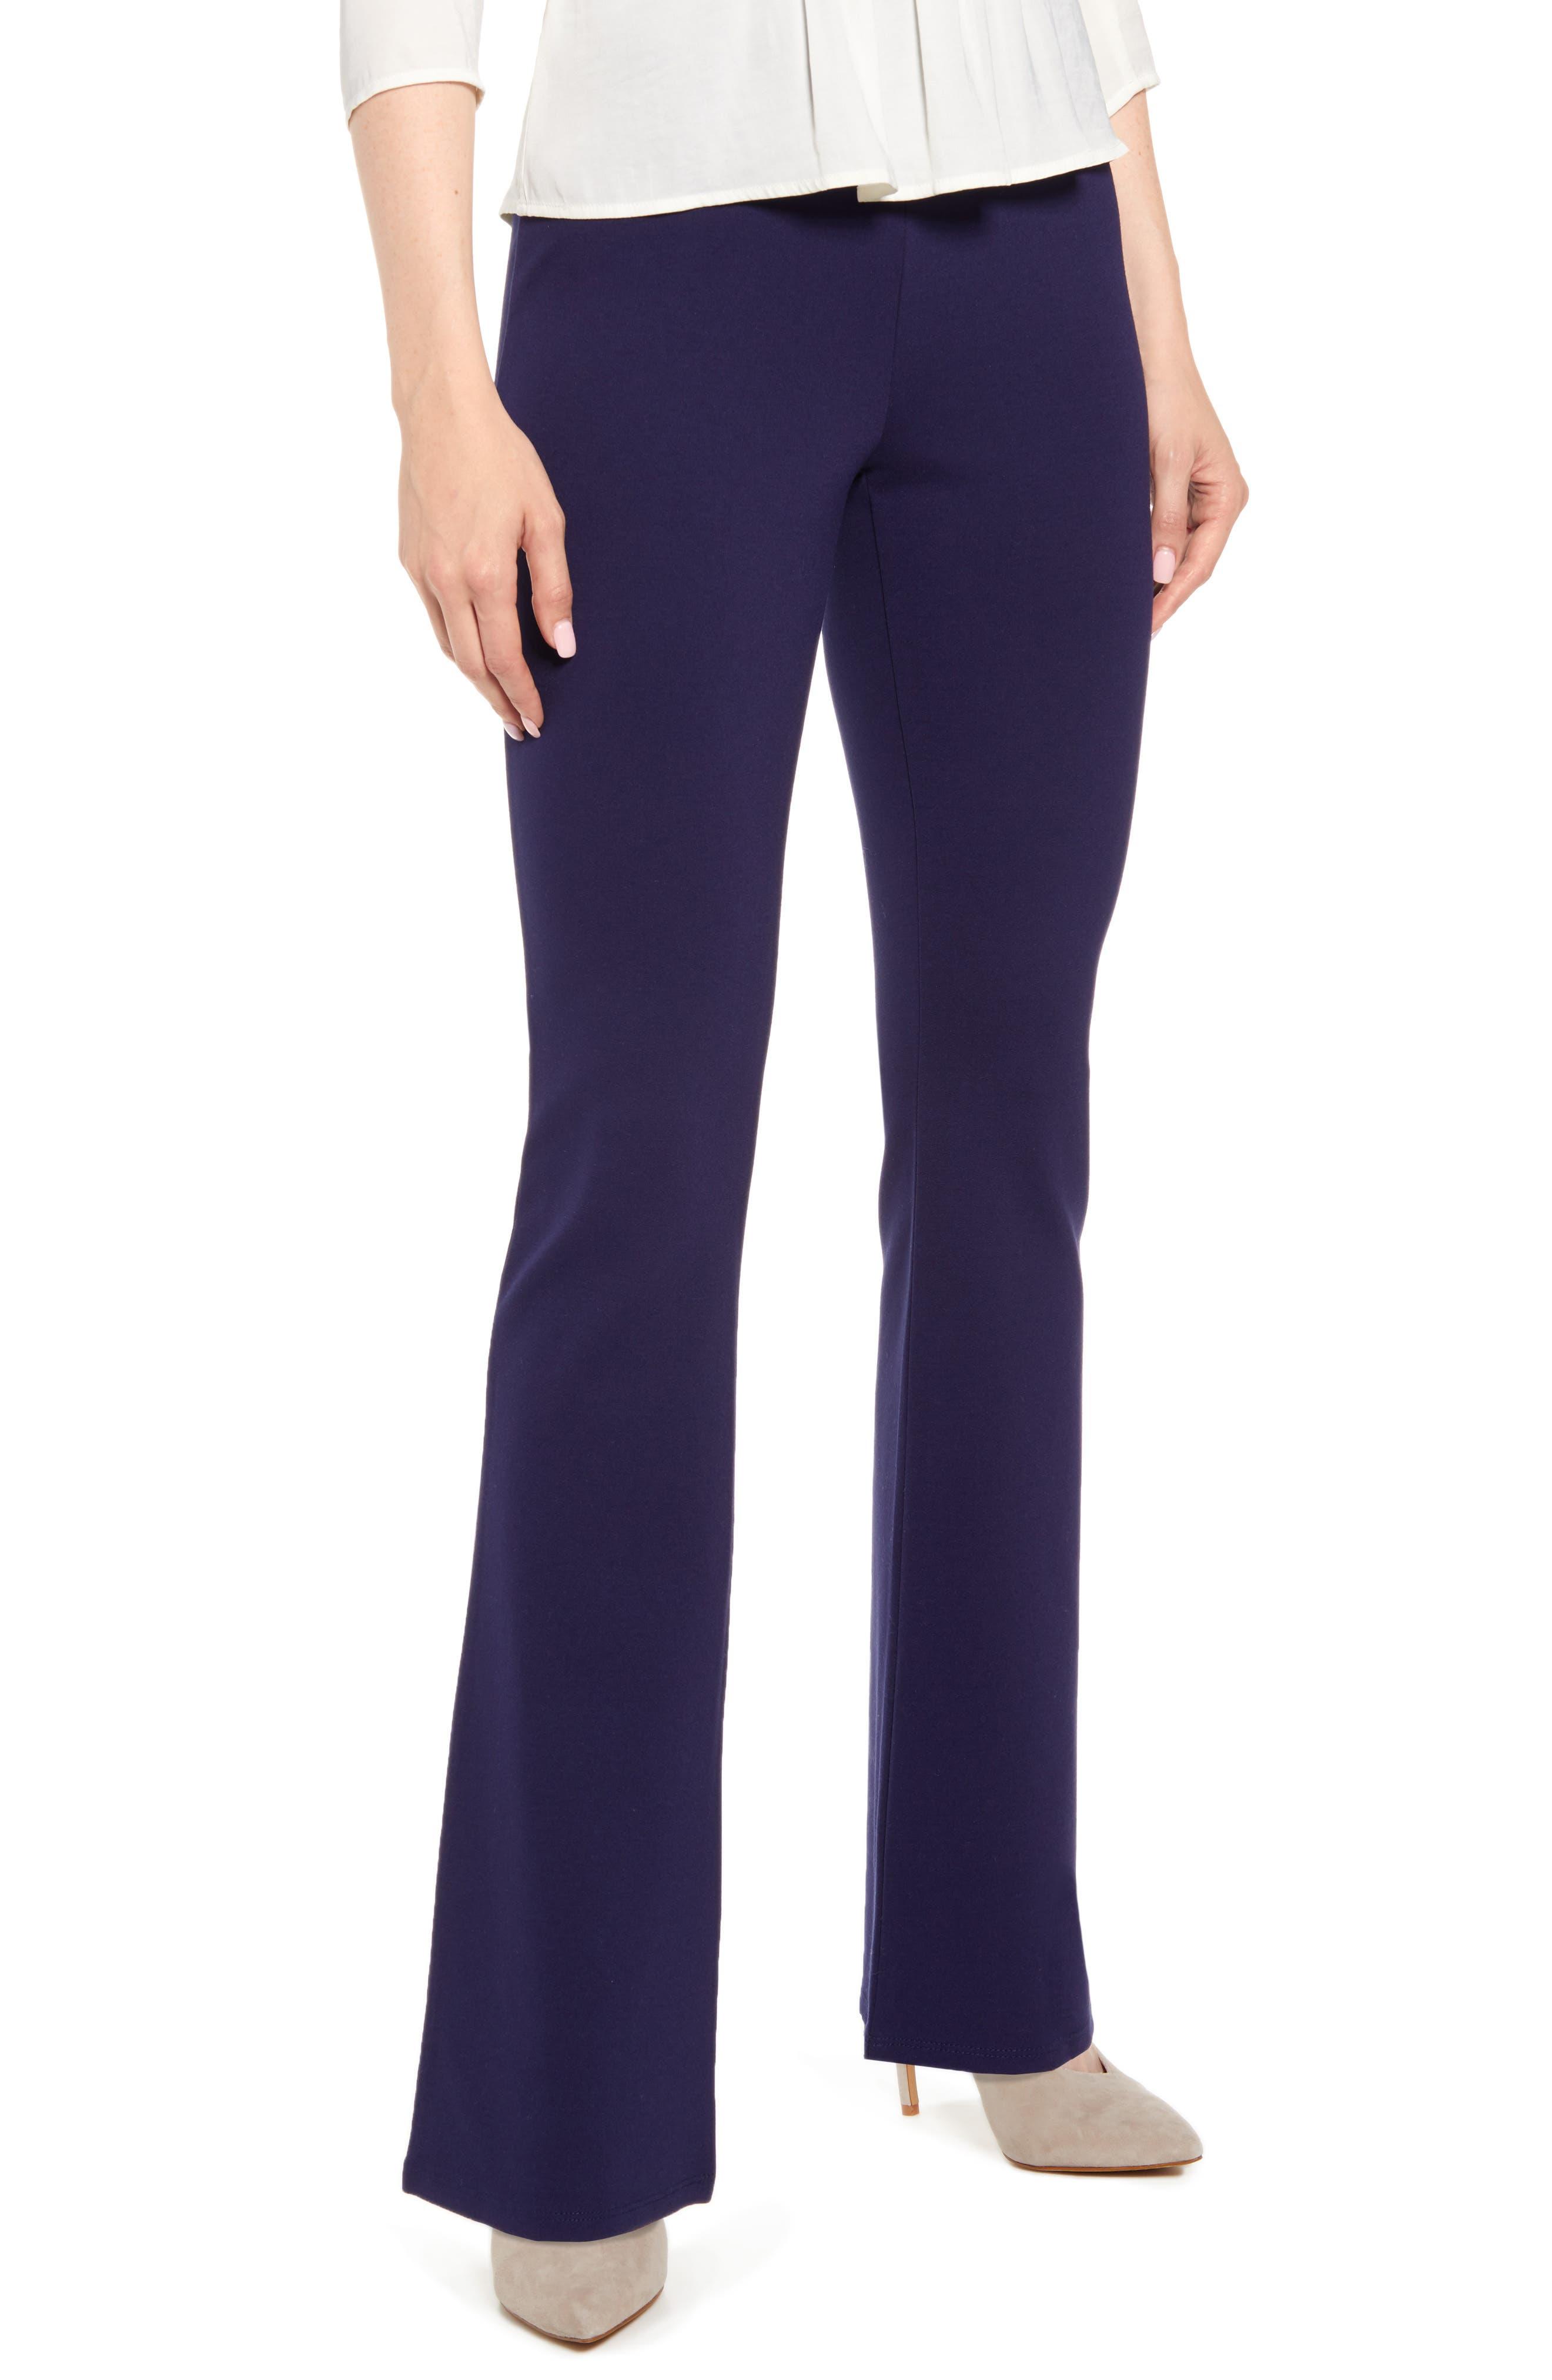 39b7d07e Women's Flare Pants & Leggings | Nordstrom